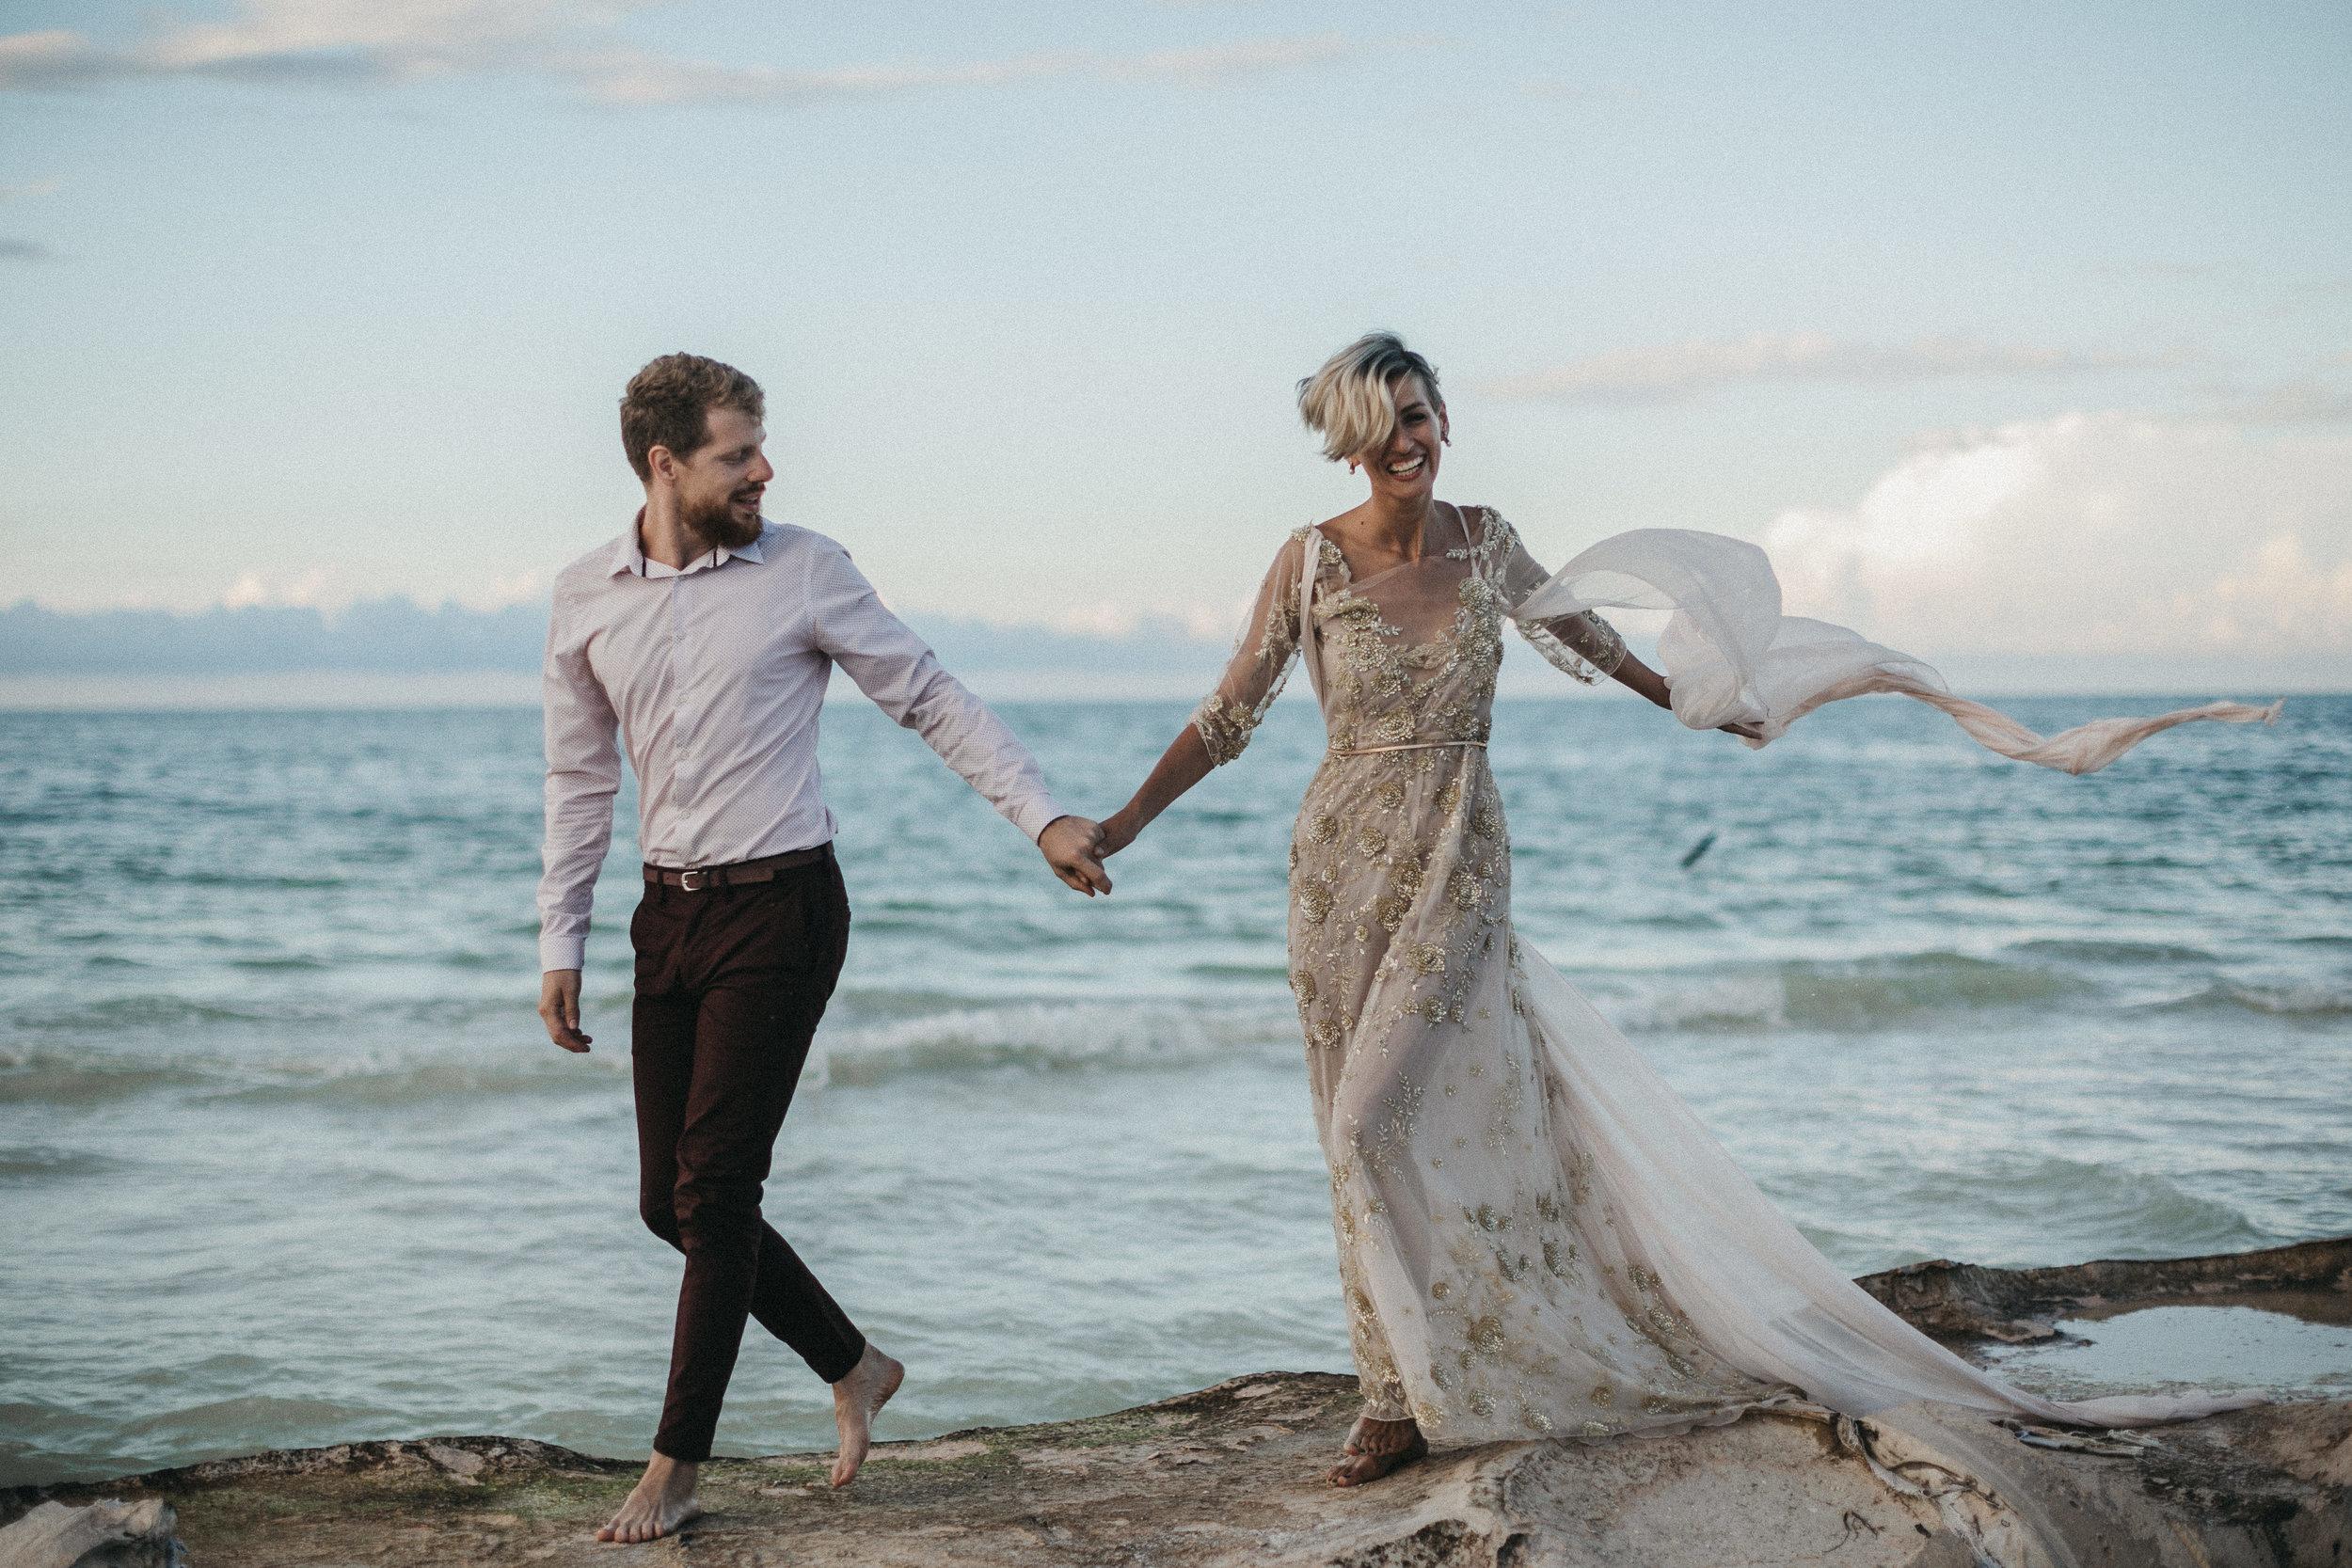 Fotografo de bodas españa serafin castillo wedding photographer spain 074.jpg